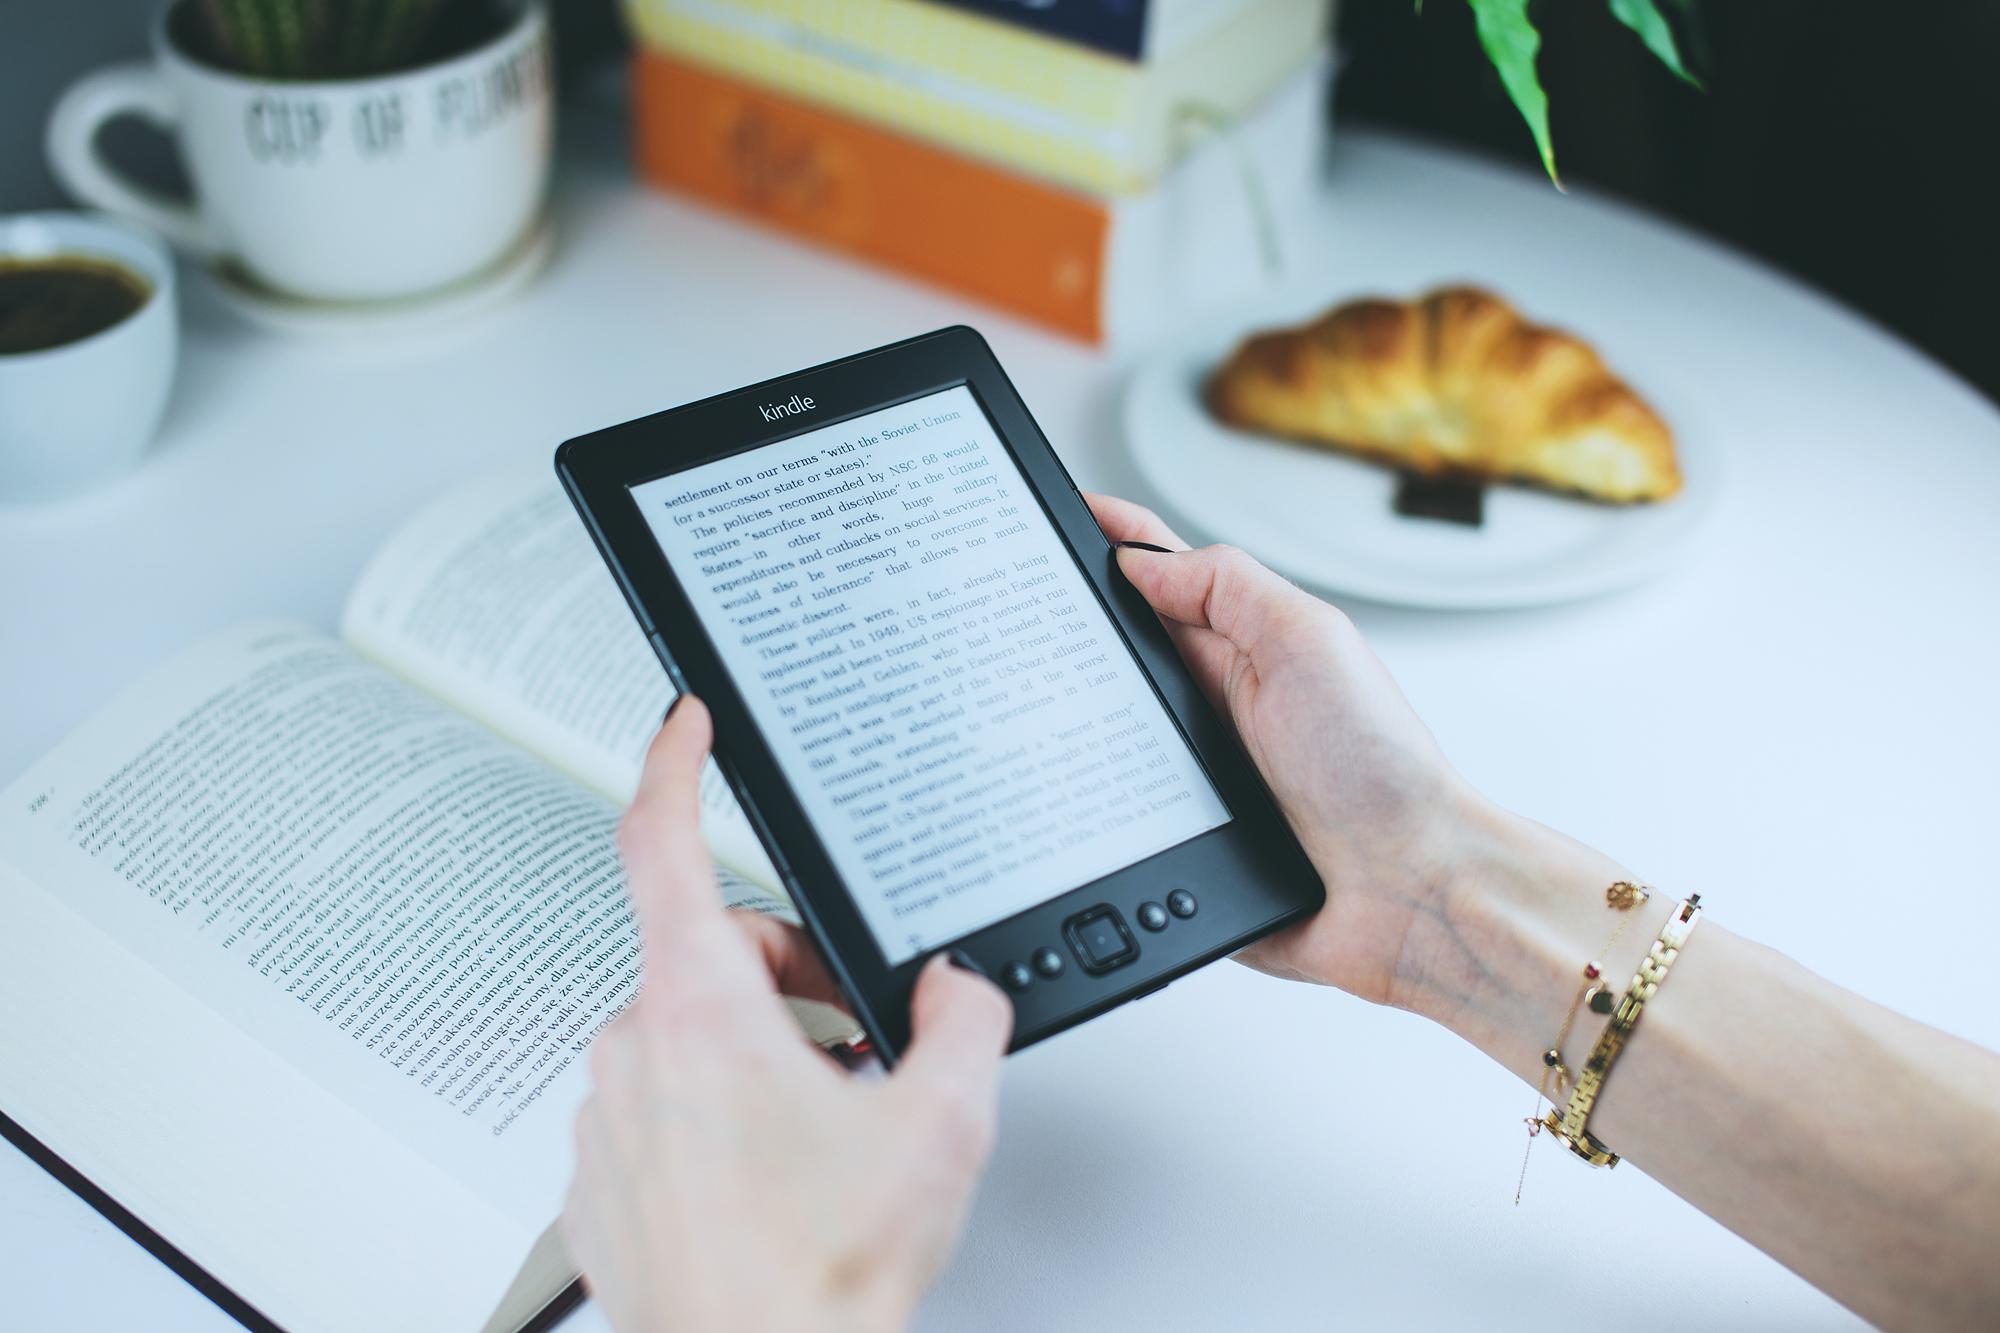 THE E-BOOK